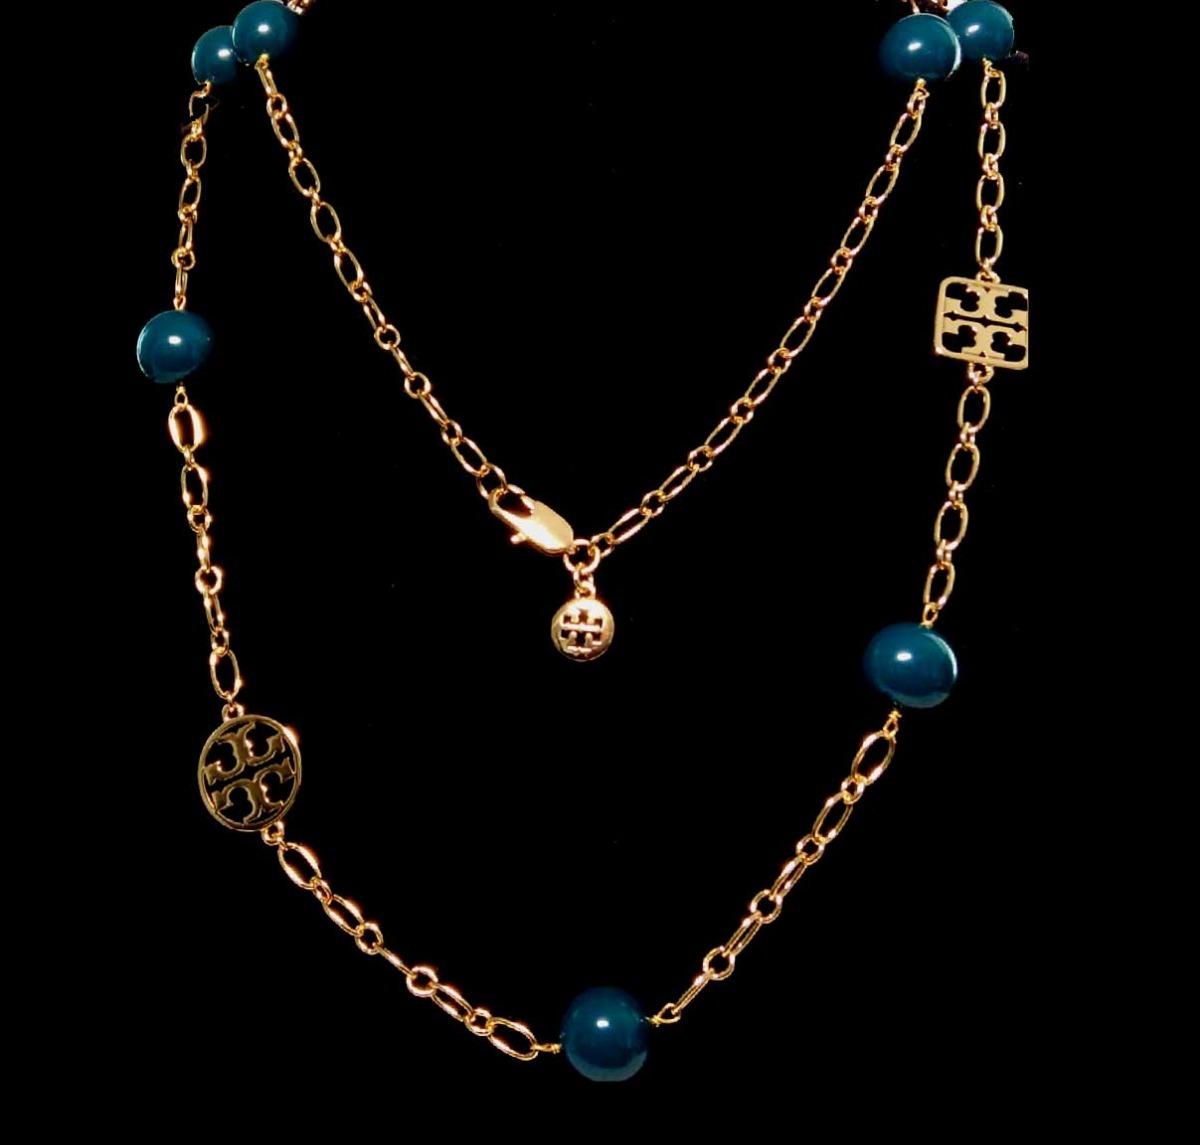 16dddca1f802 collar dorado con esferas verdes tory burch. Cargando zoom.